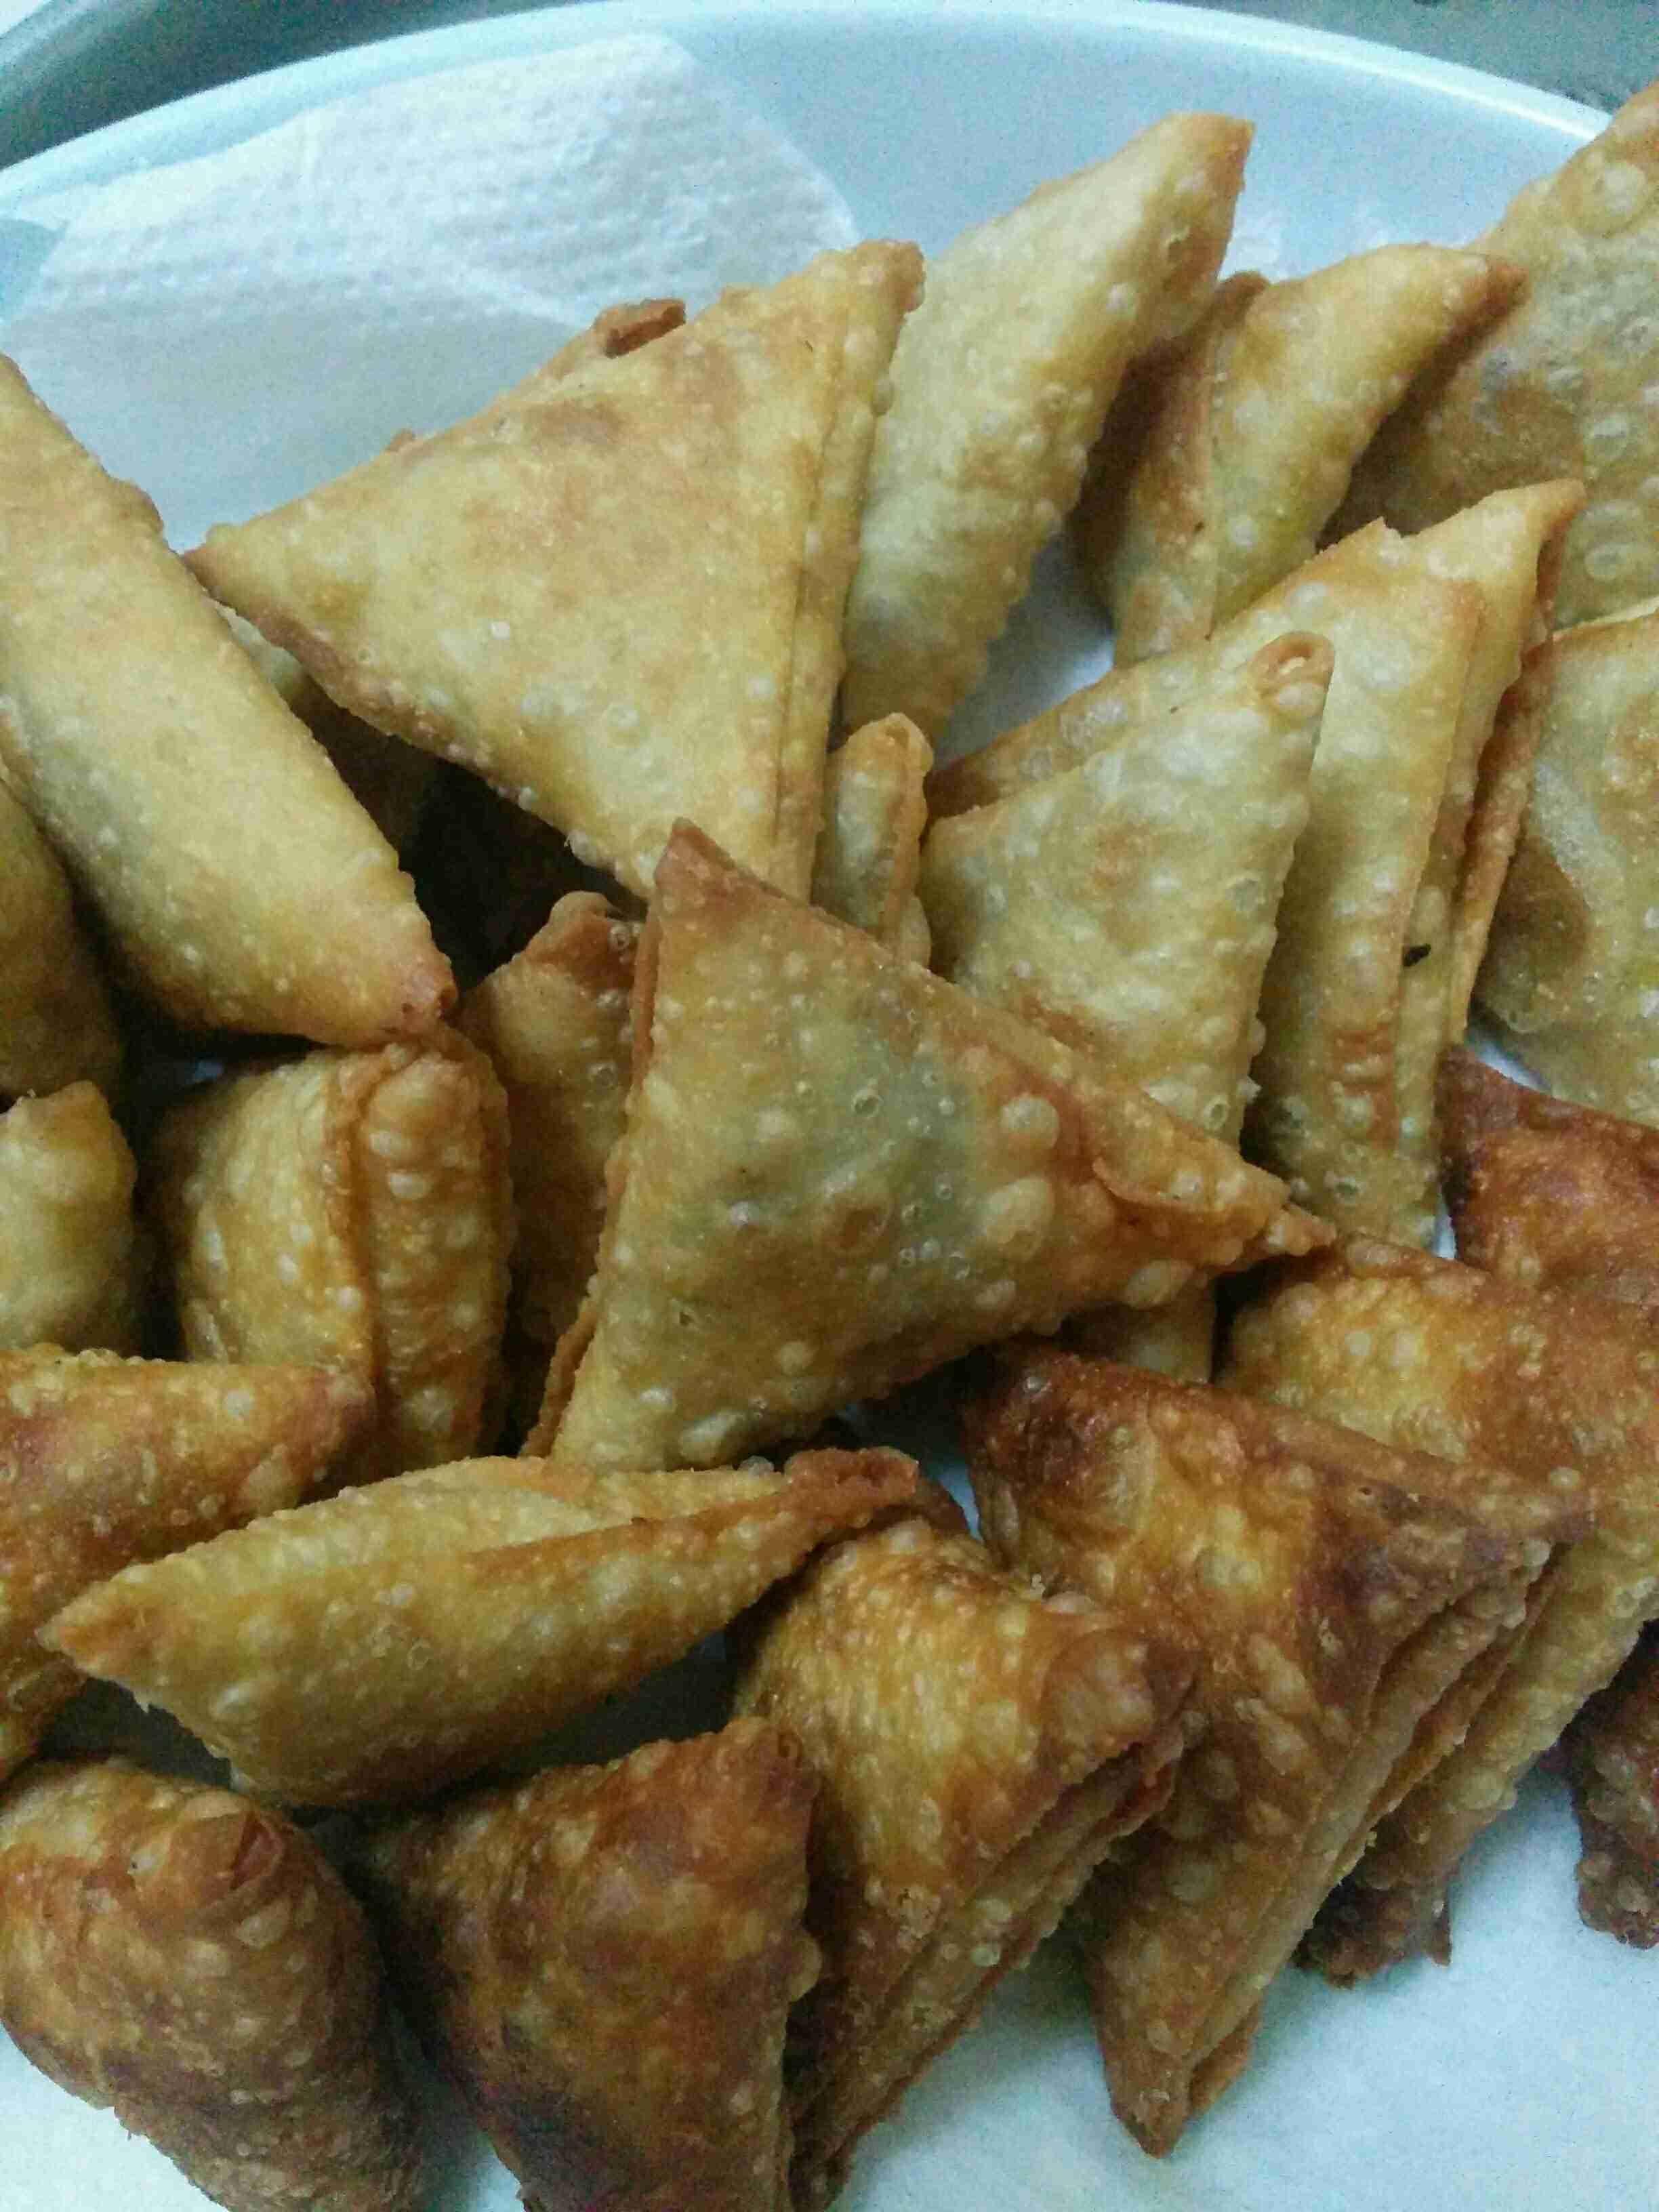 السمبوسه من ألف إلى الياء ملكة الأطباق الجانبية رمضان